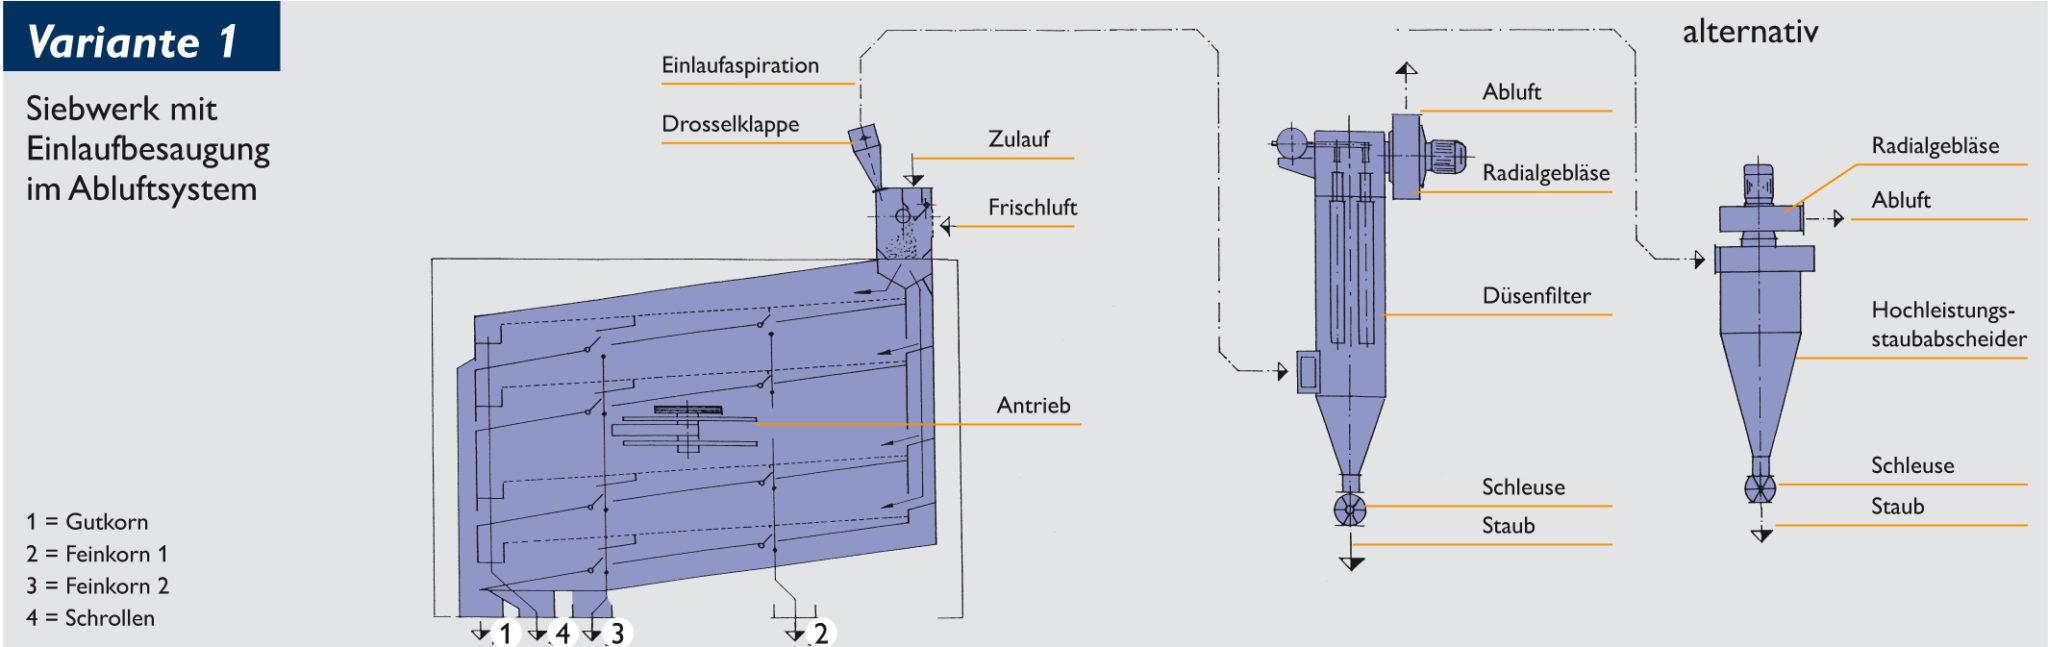 Siebwerk mit Einlaufaspiration im Abluftsystem